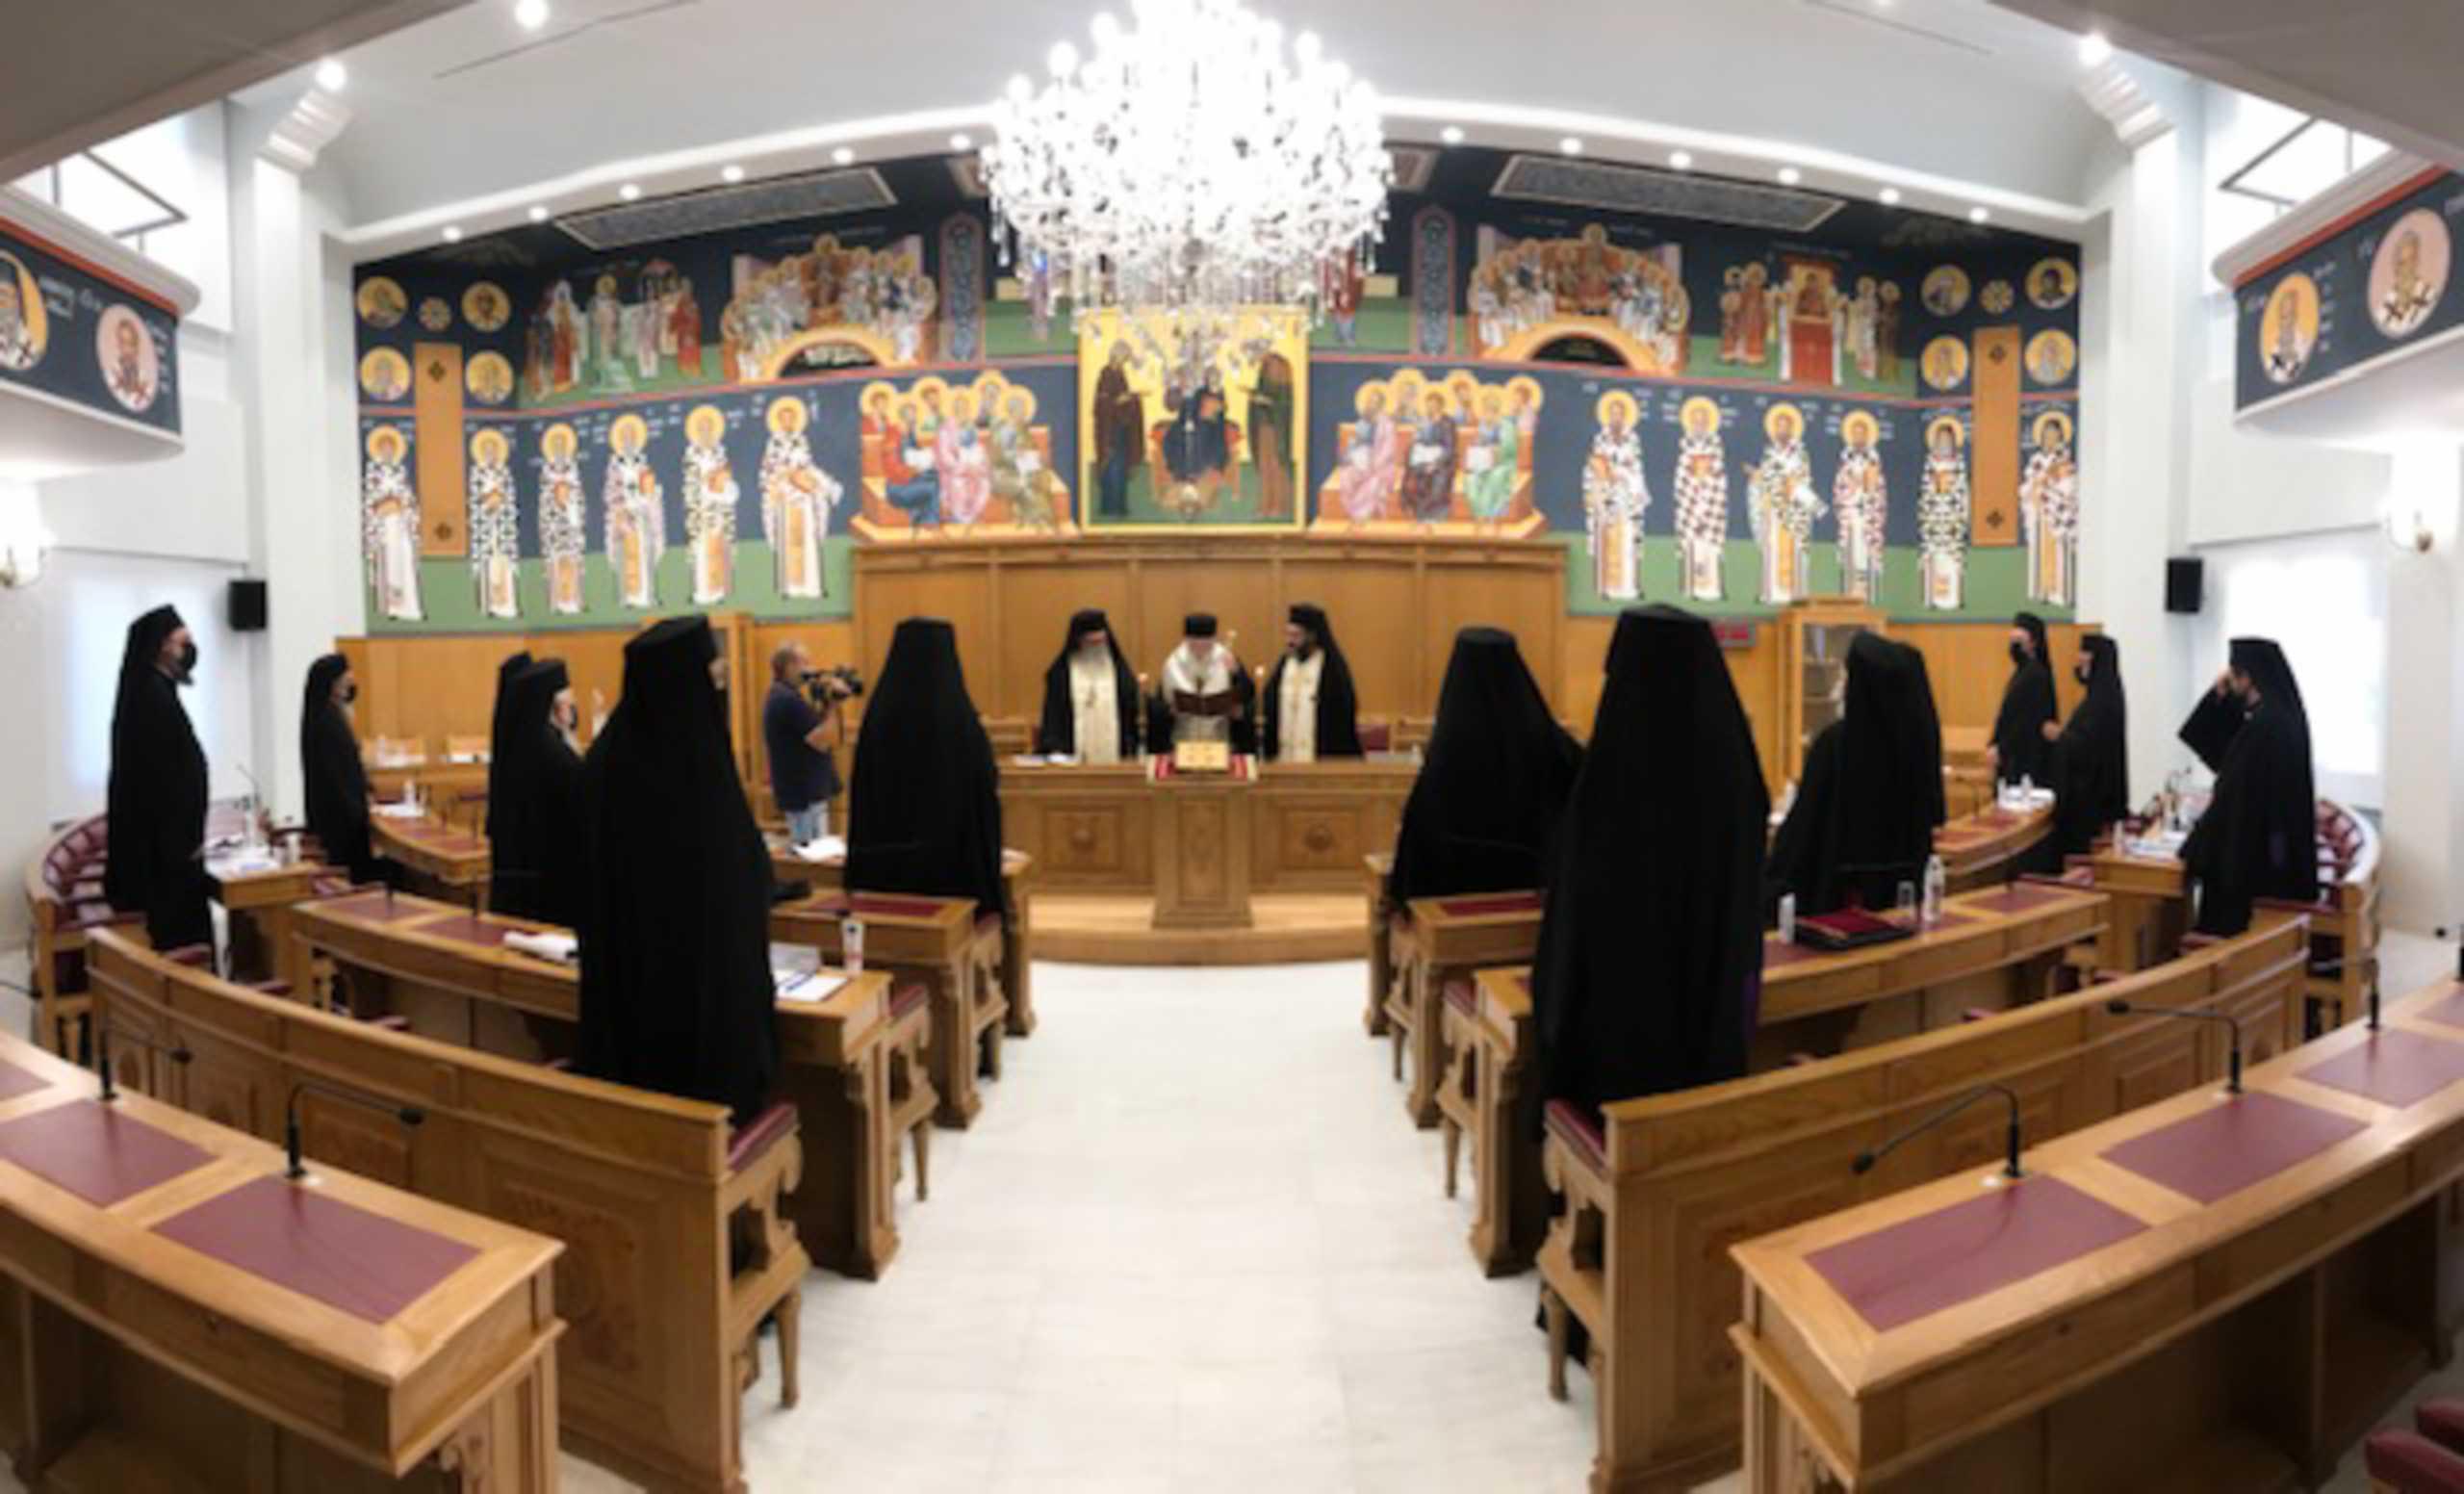 Ιερά Σύνοδος: Κορονοϊός και θεωρίες συνωμοσίας στο επίκεντρο της συνεδρίασης